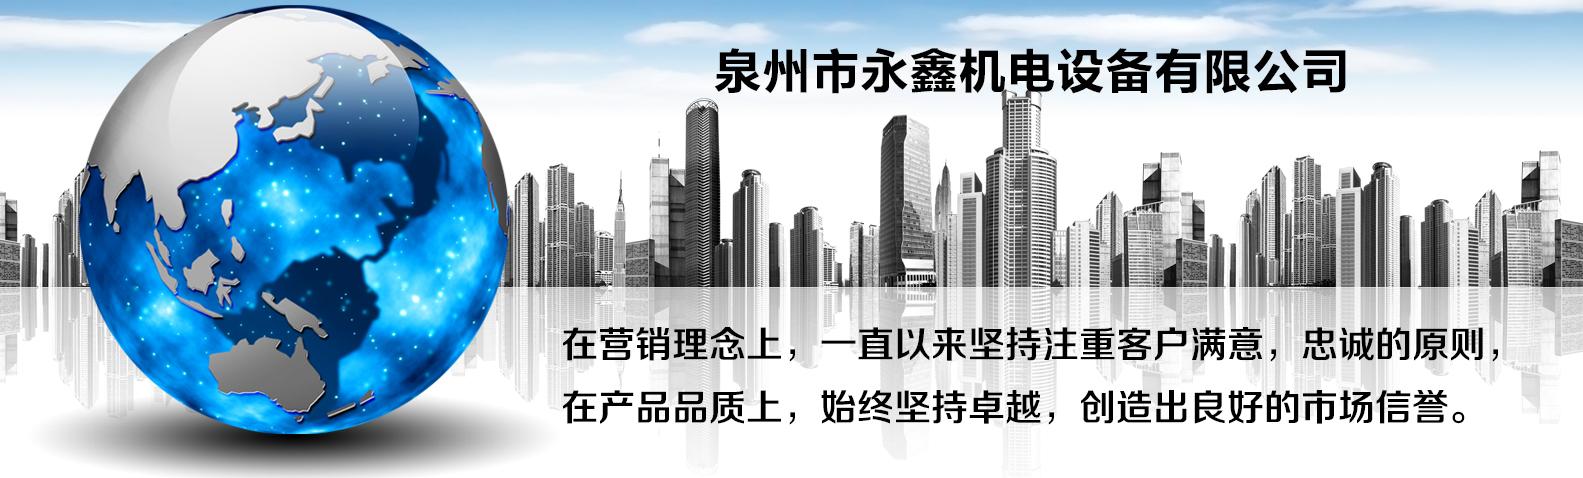 泉州市永鑫机电设备有限公司